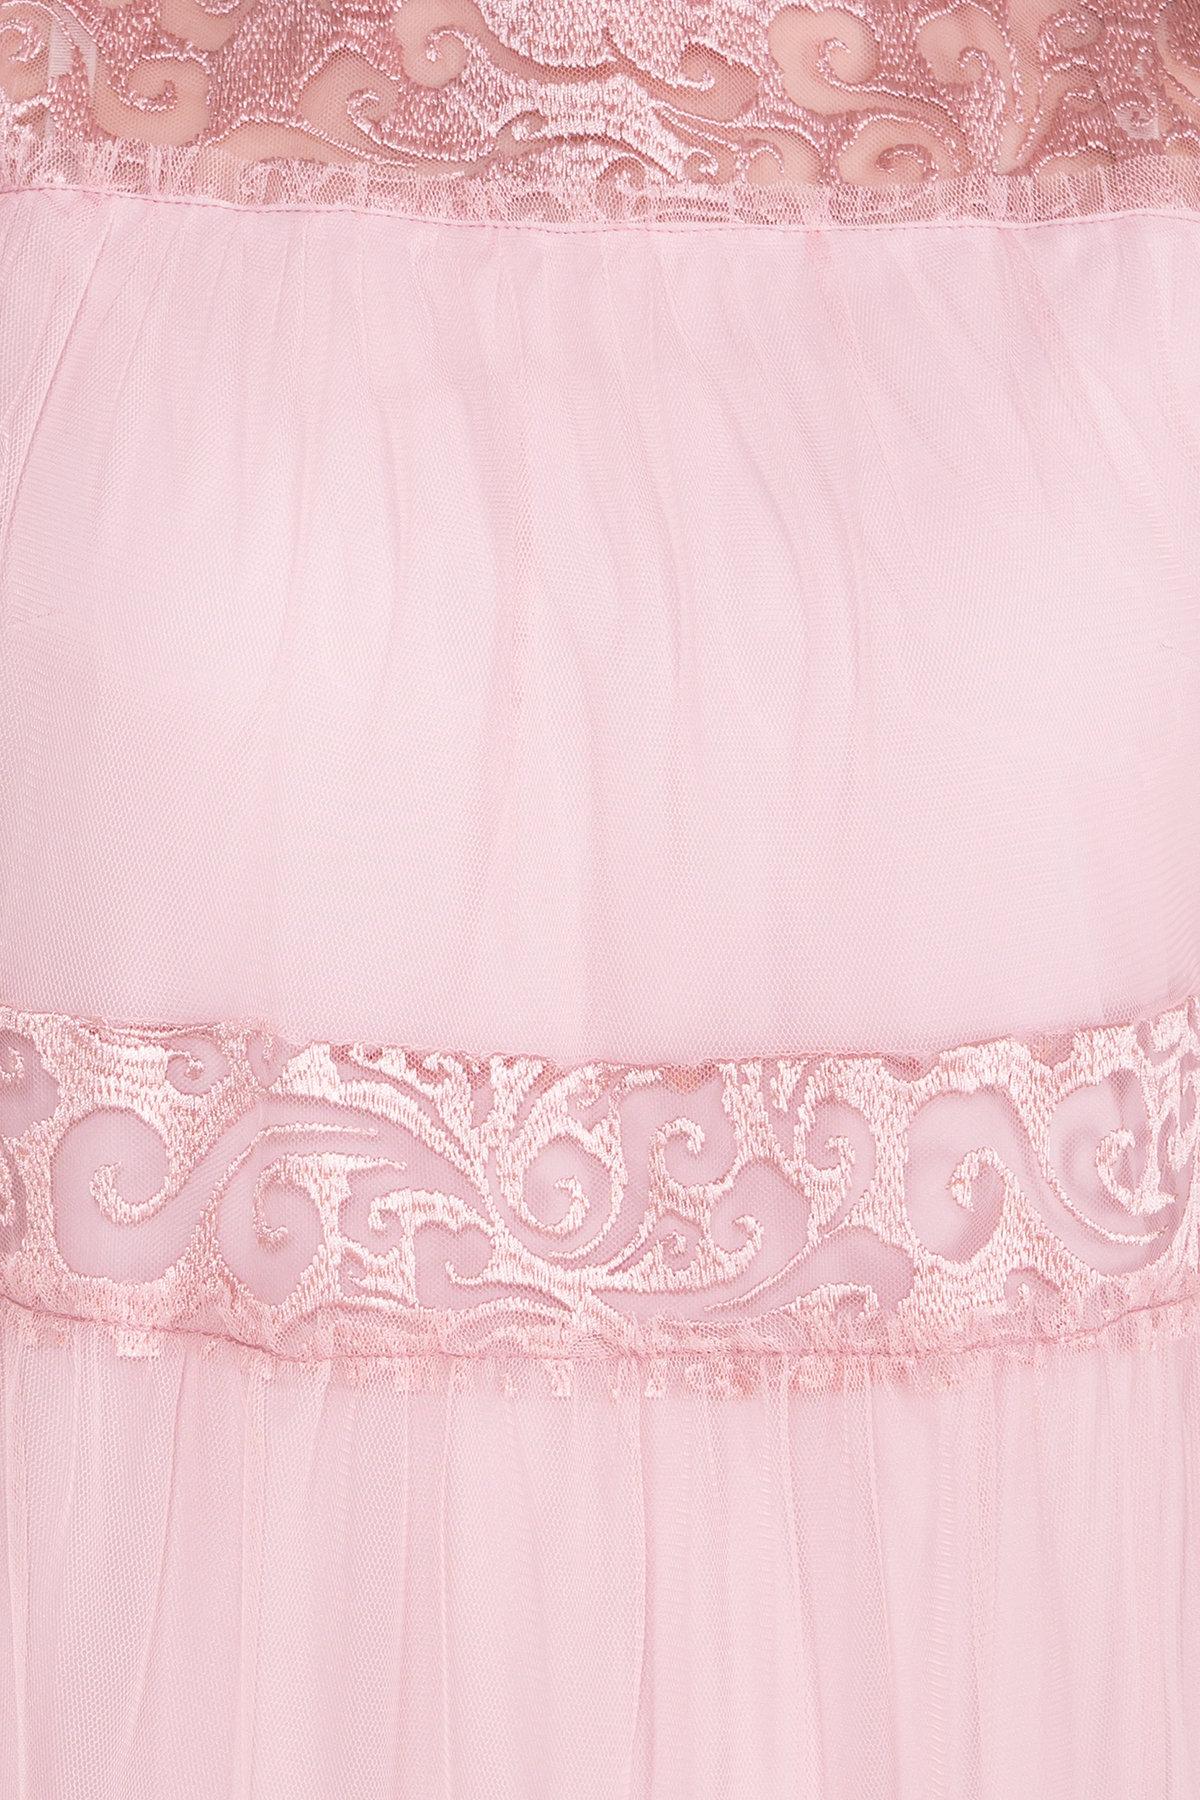 Платье Френсис  6485 АРТ. 41446 Цвет: Серо-розовый - фото 4, интернет магазин tm-modus.ru